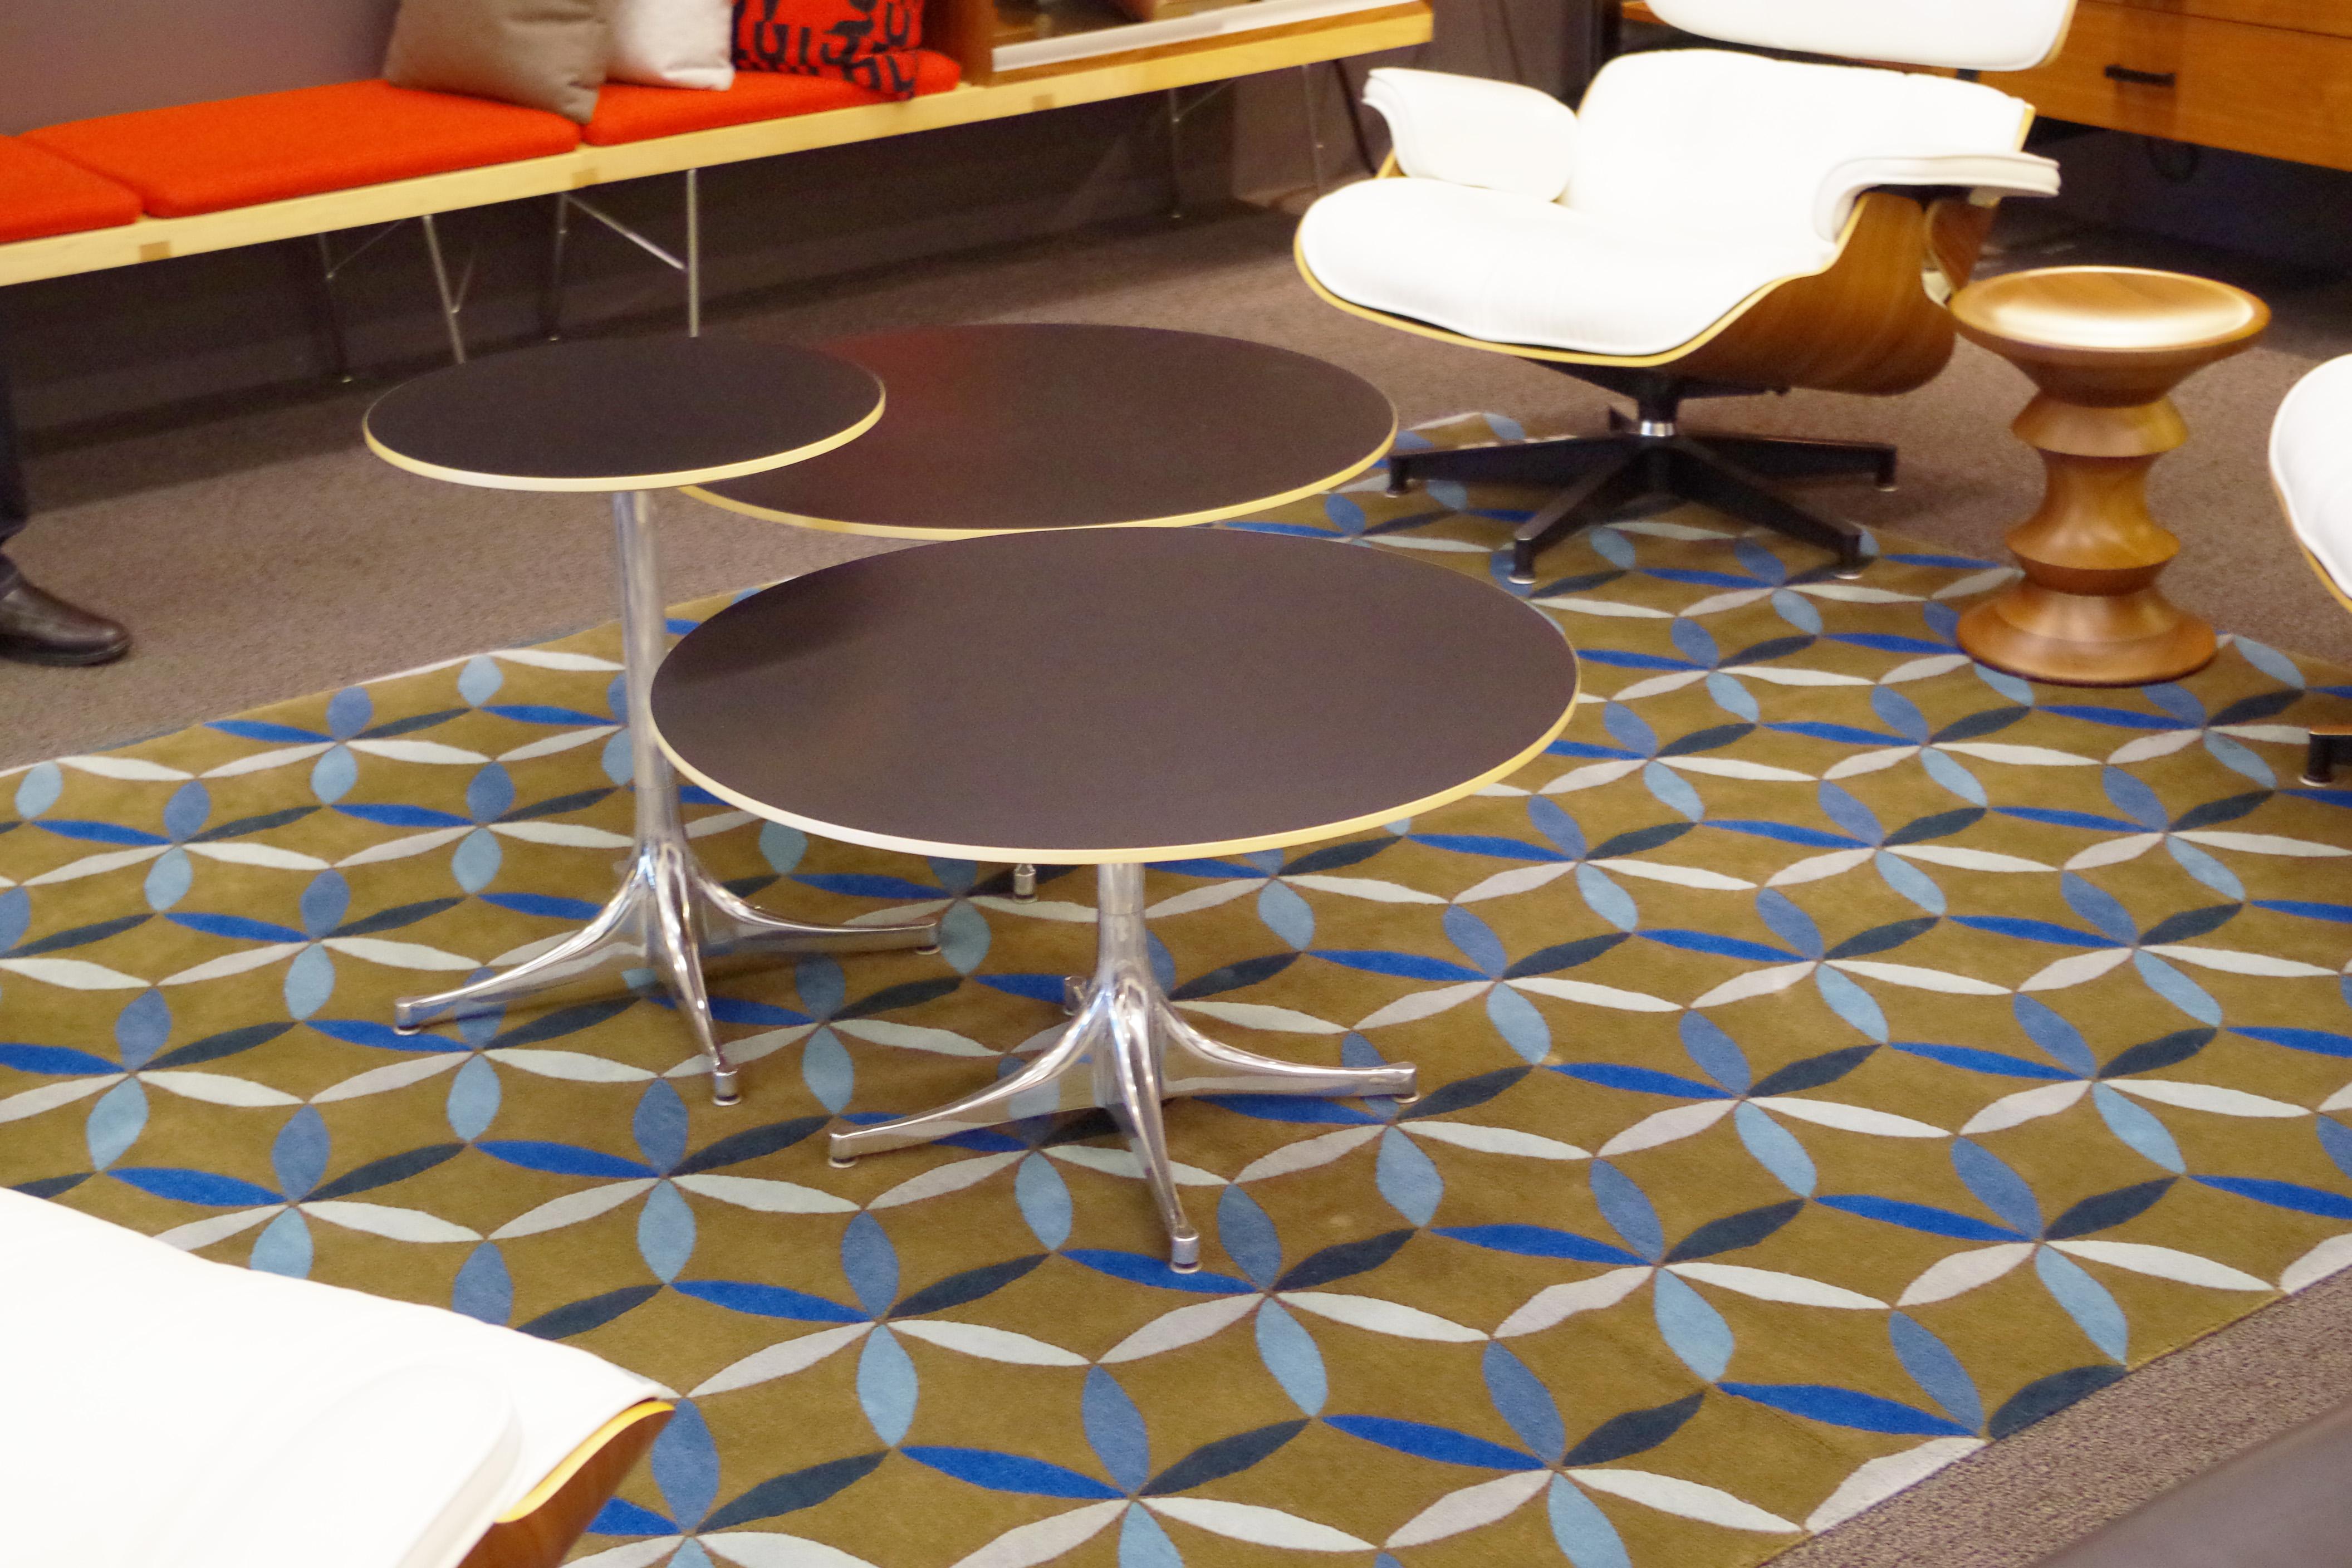 テーブルをいくつも並べたインテリアデザイン